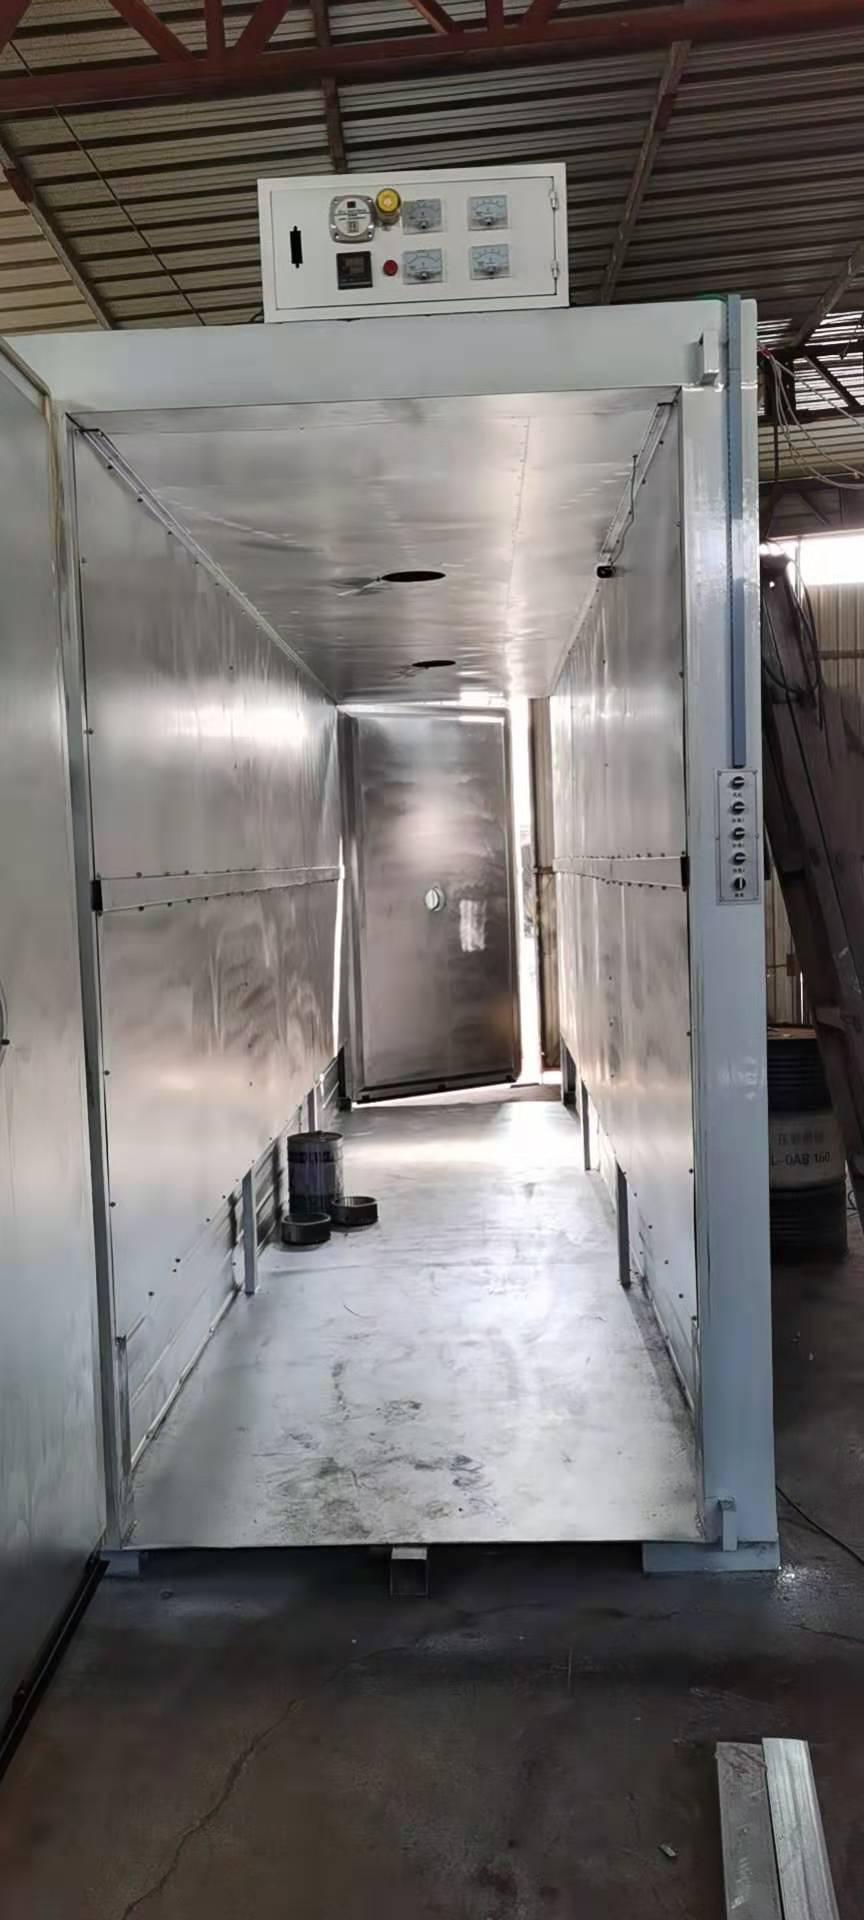 塑料固化室烘箱2020年新产品,塑料固化室烘箱厂家,塑料固化室烘